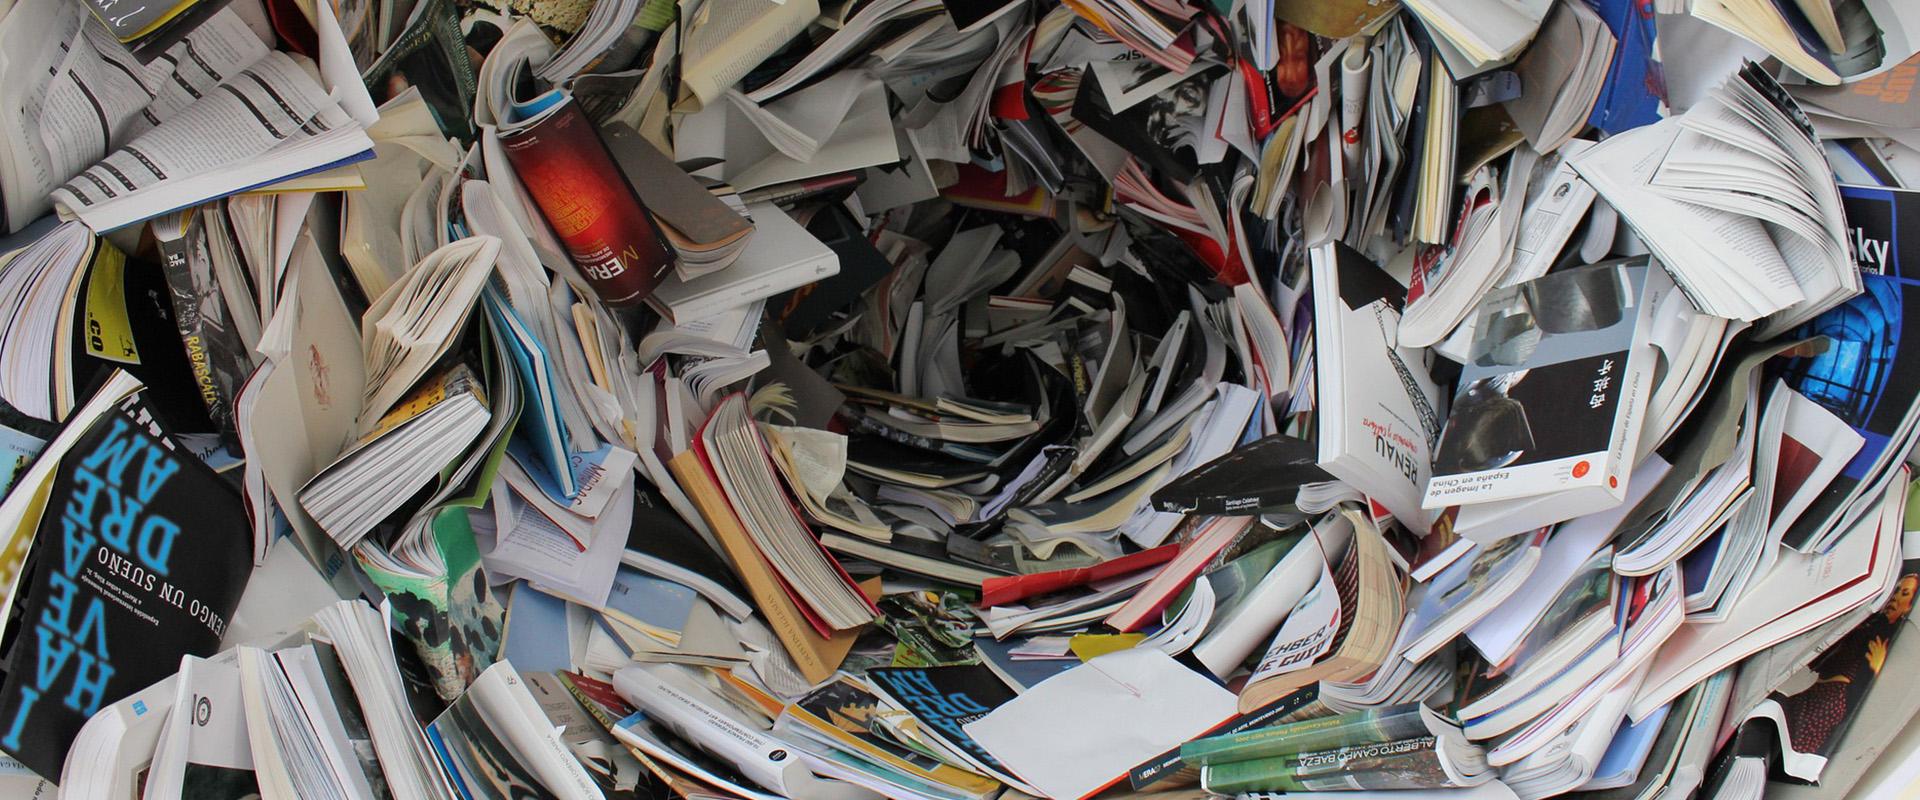 Libertà di scrivere, libertà di appassionarsi: nascita di letterature? | Festival Treccani della Lingua Italiana